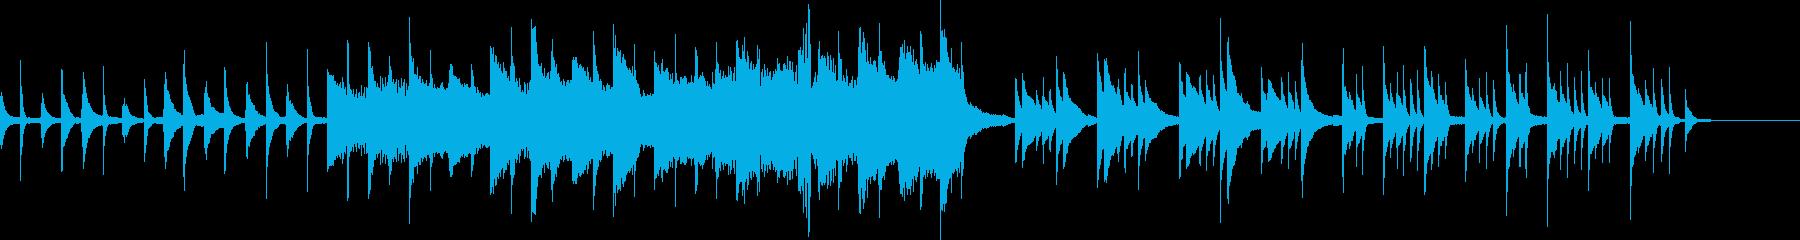 悲しいピアノ曲の再生済みの波形